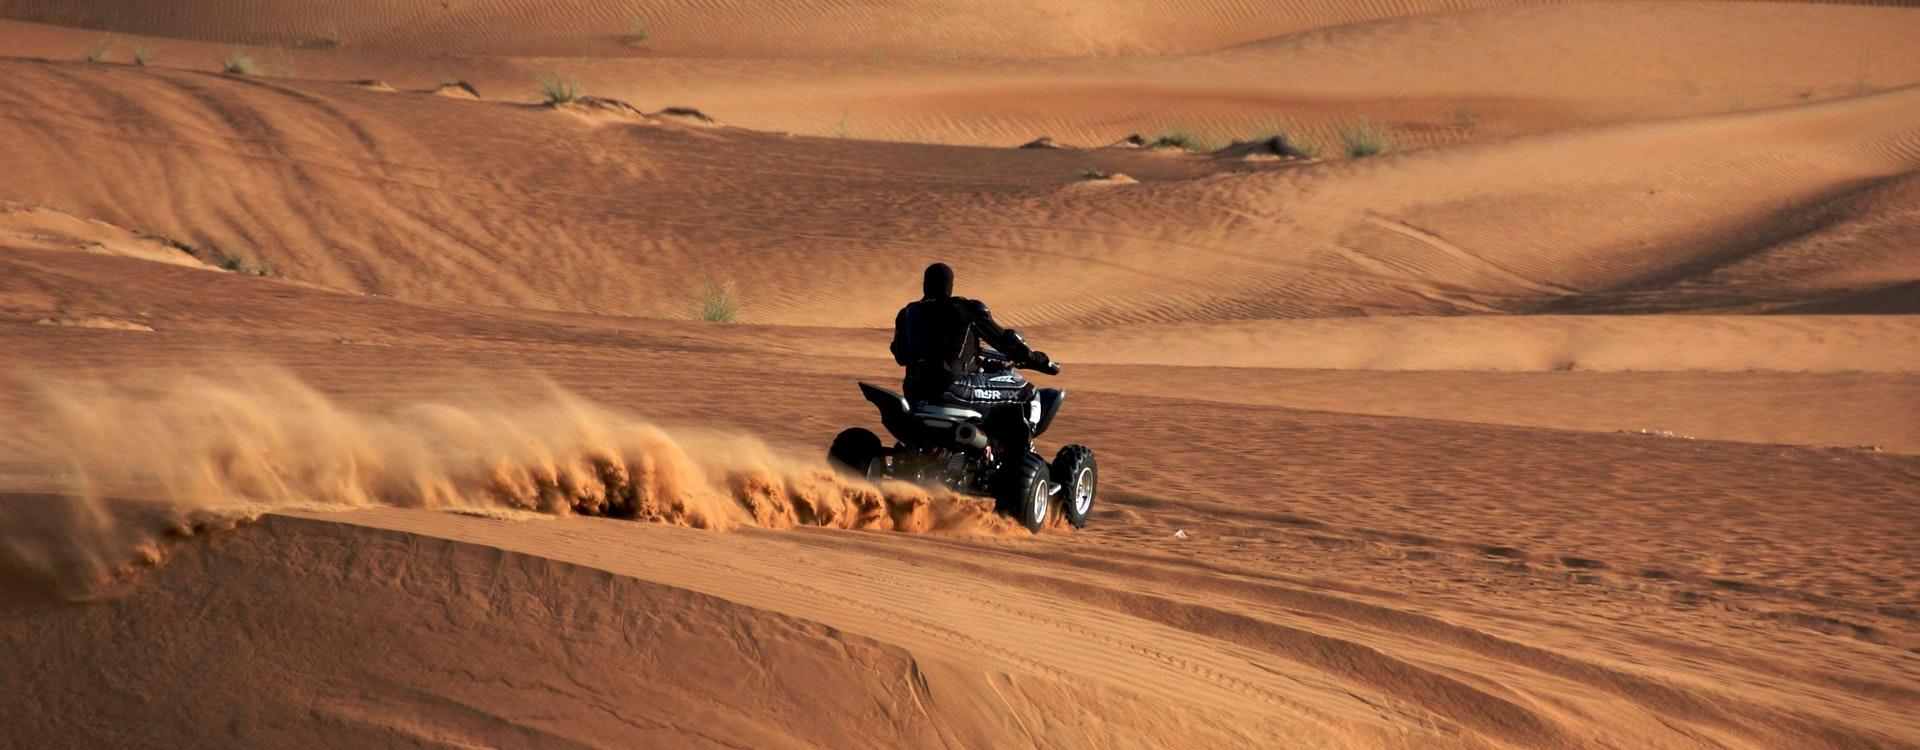 adventure desert safaris